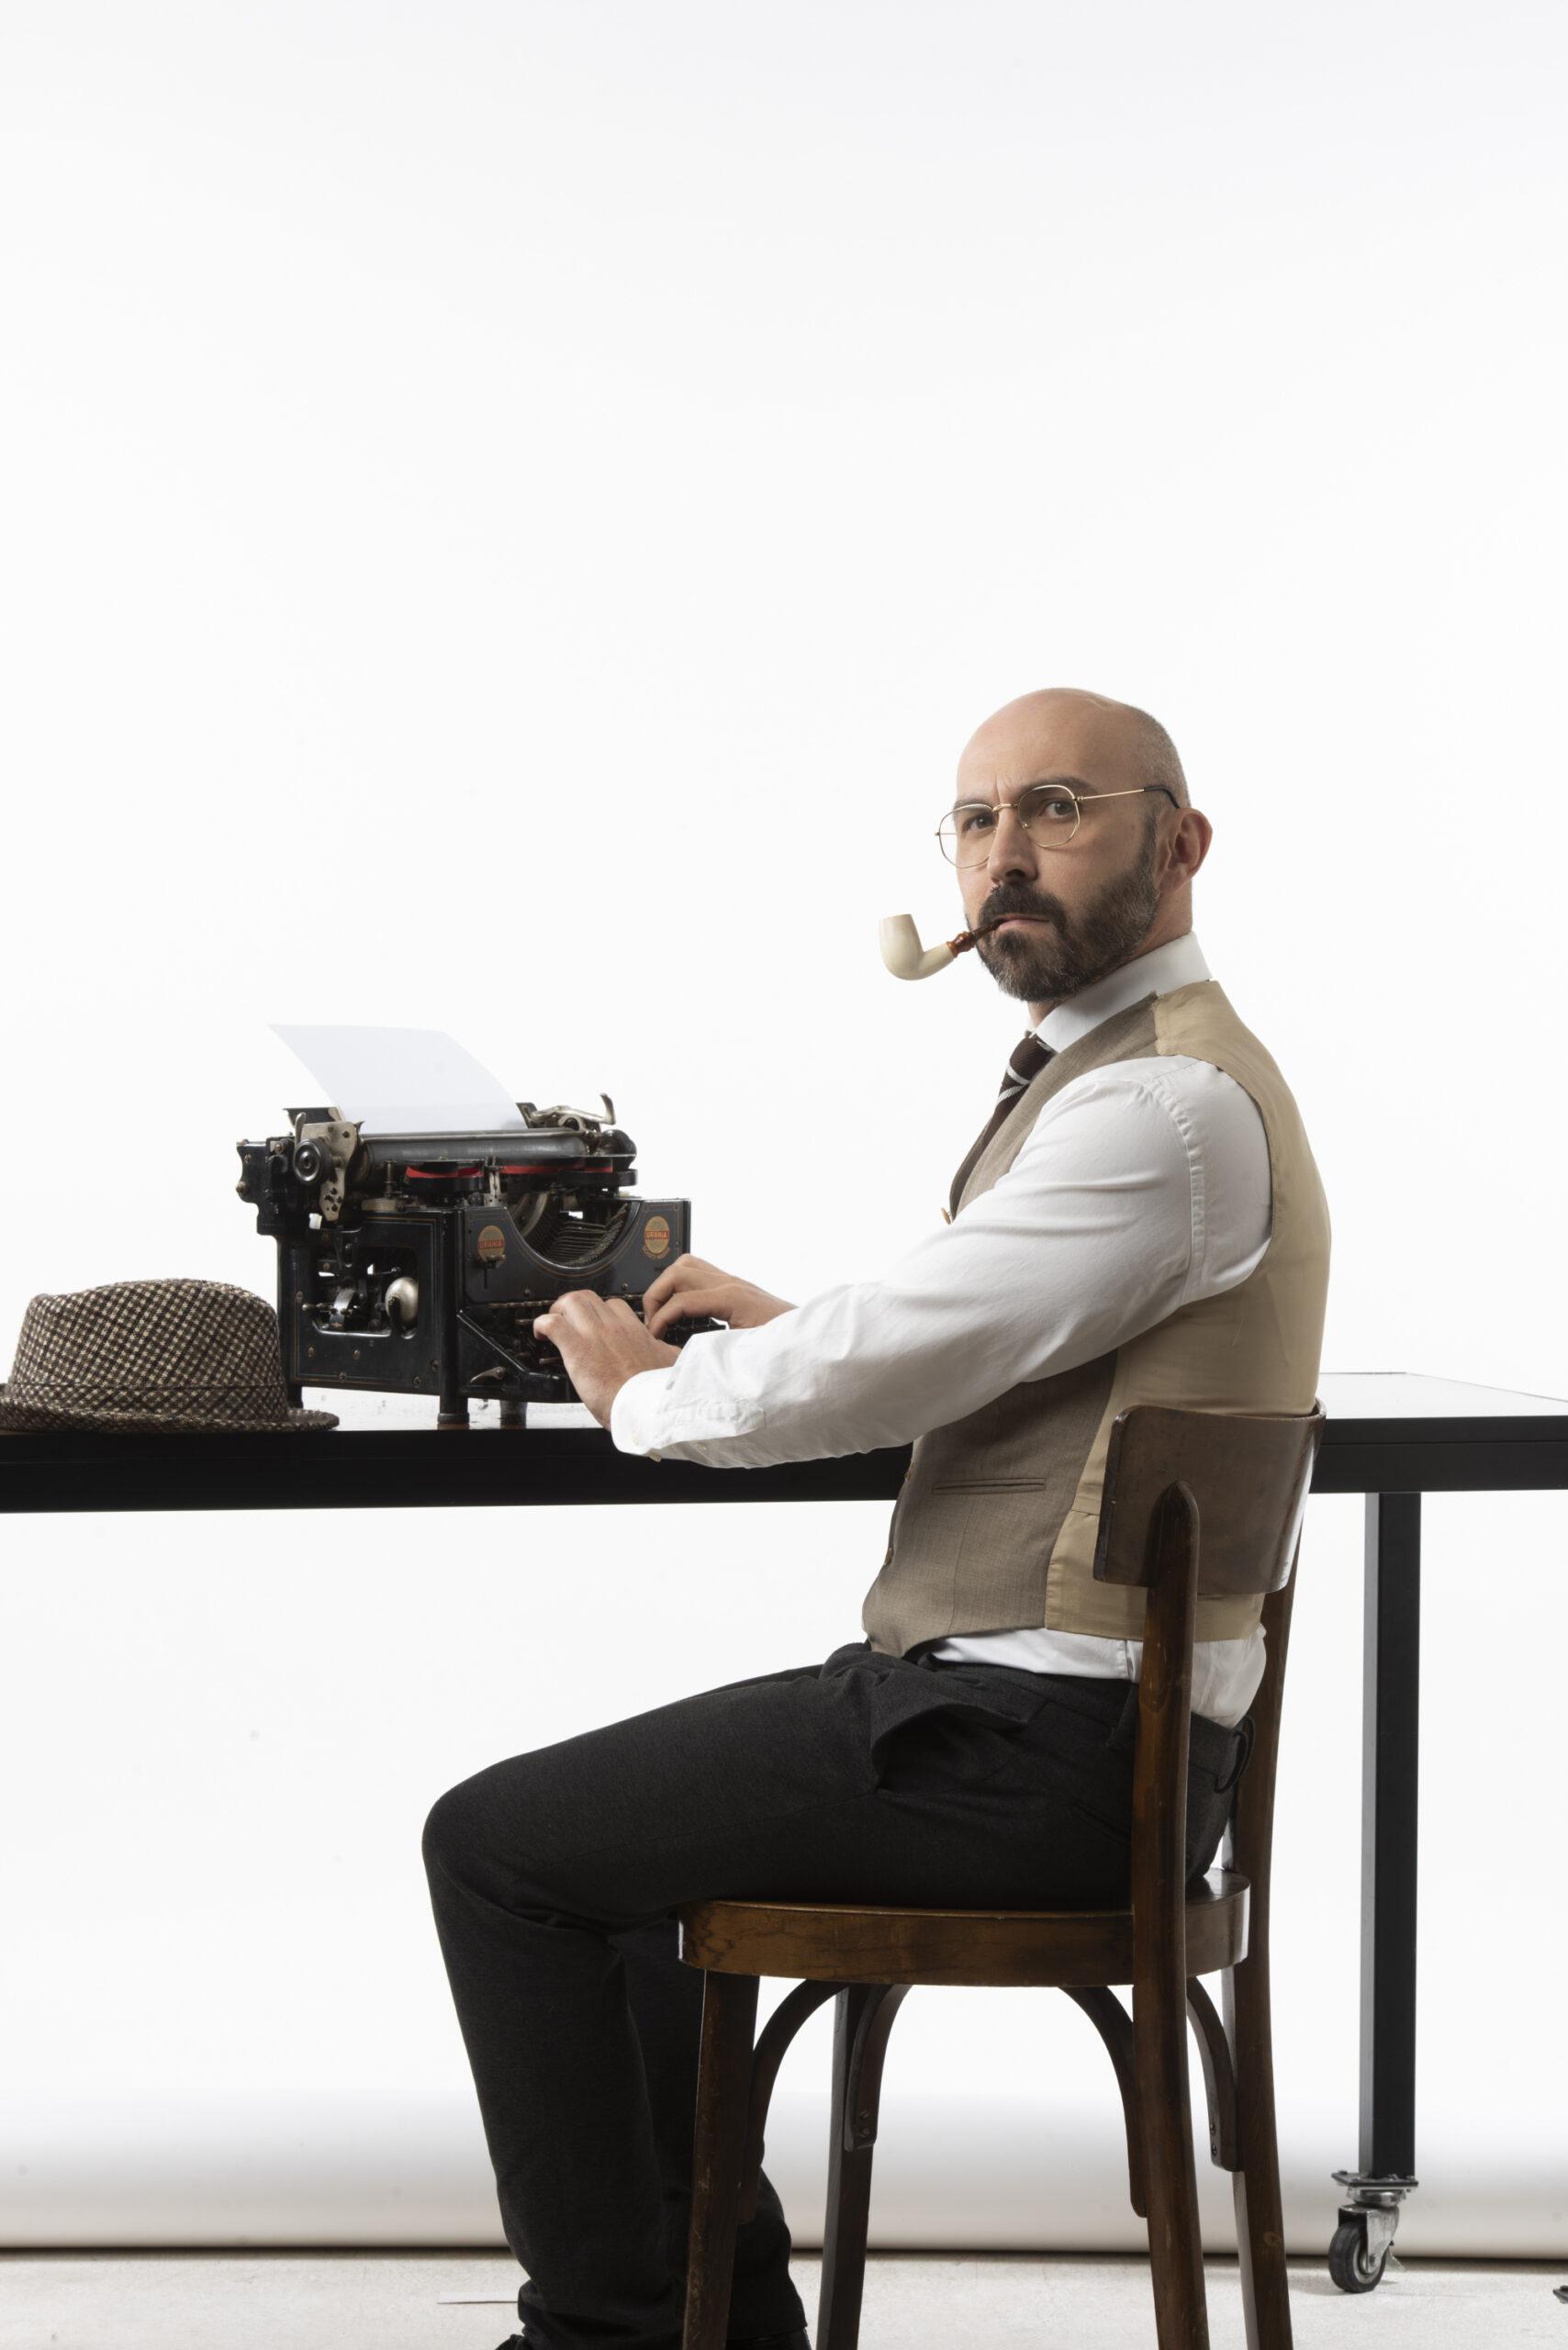 MACCIO macchina scrive